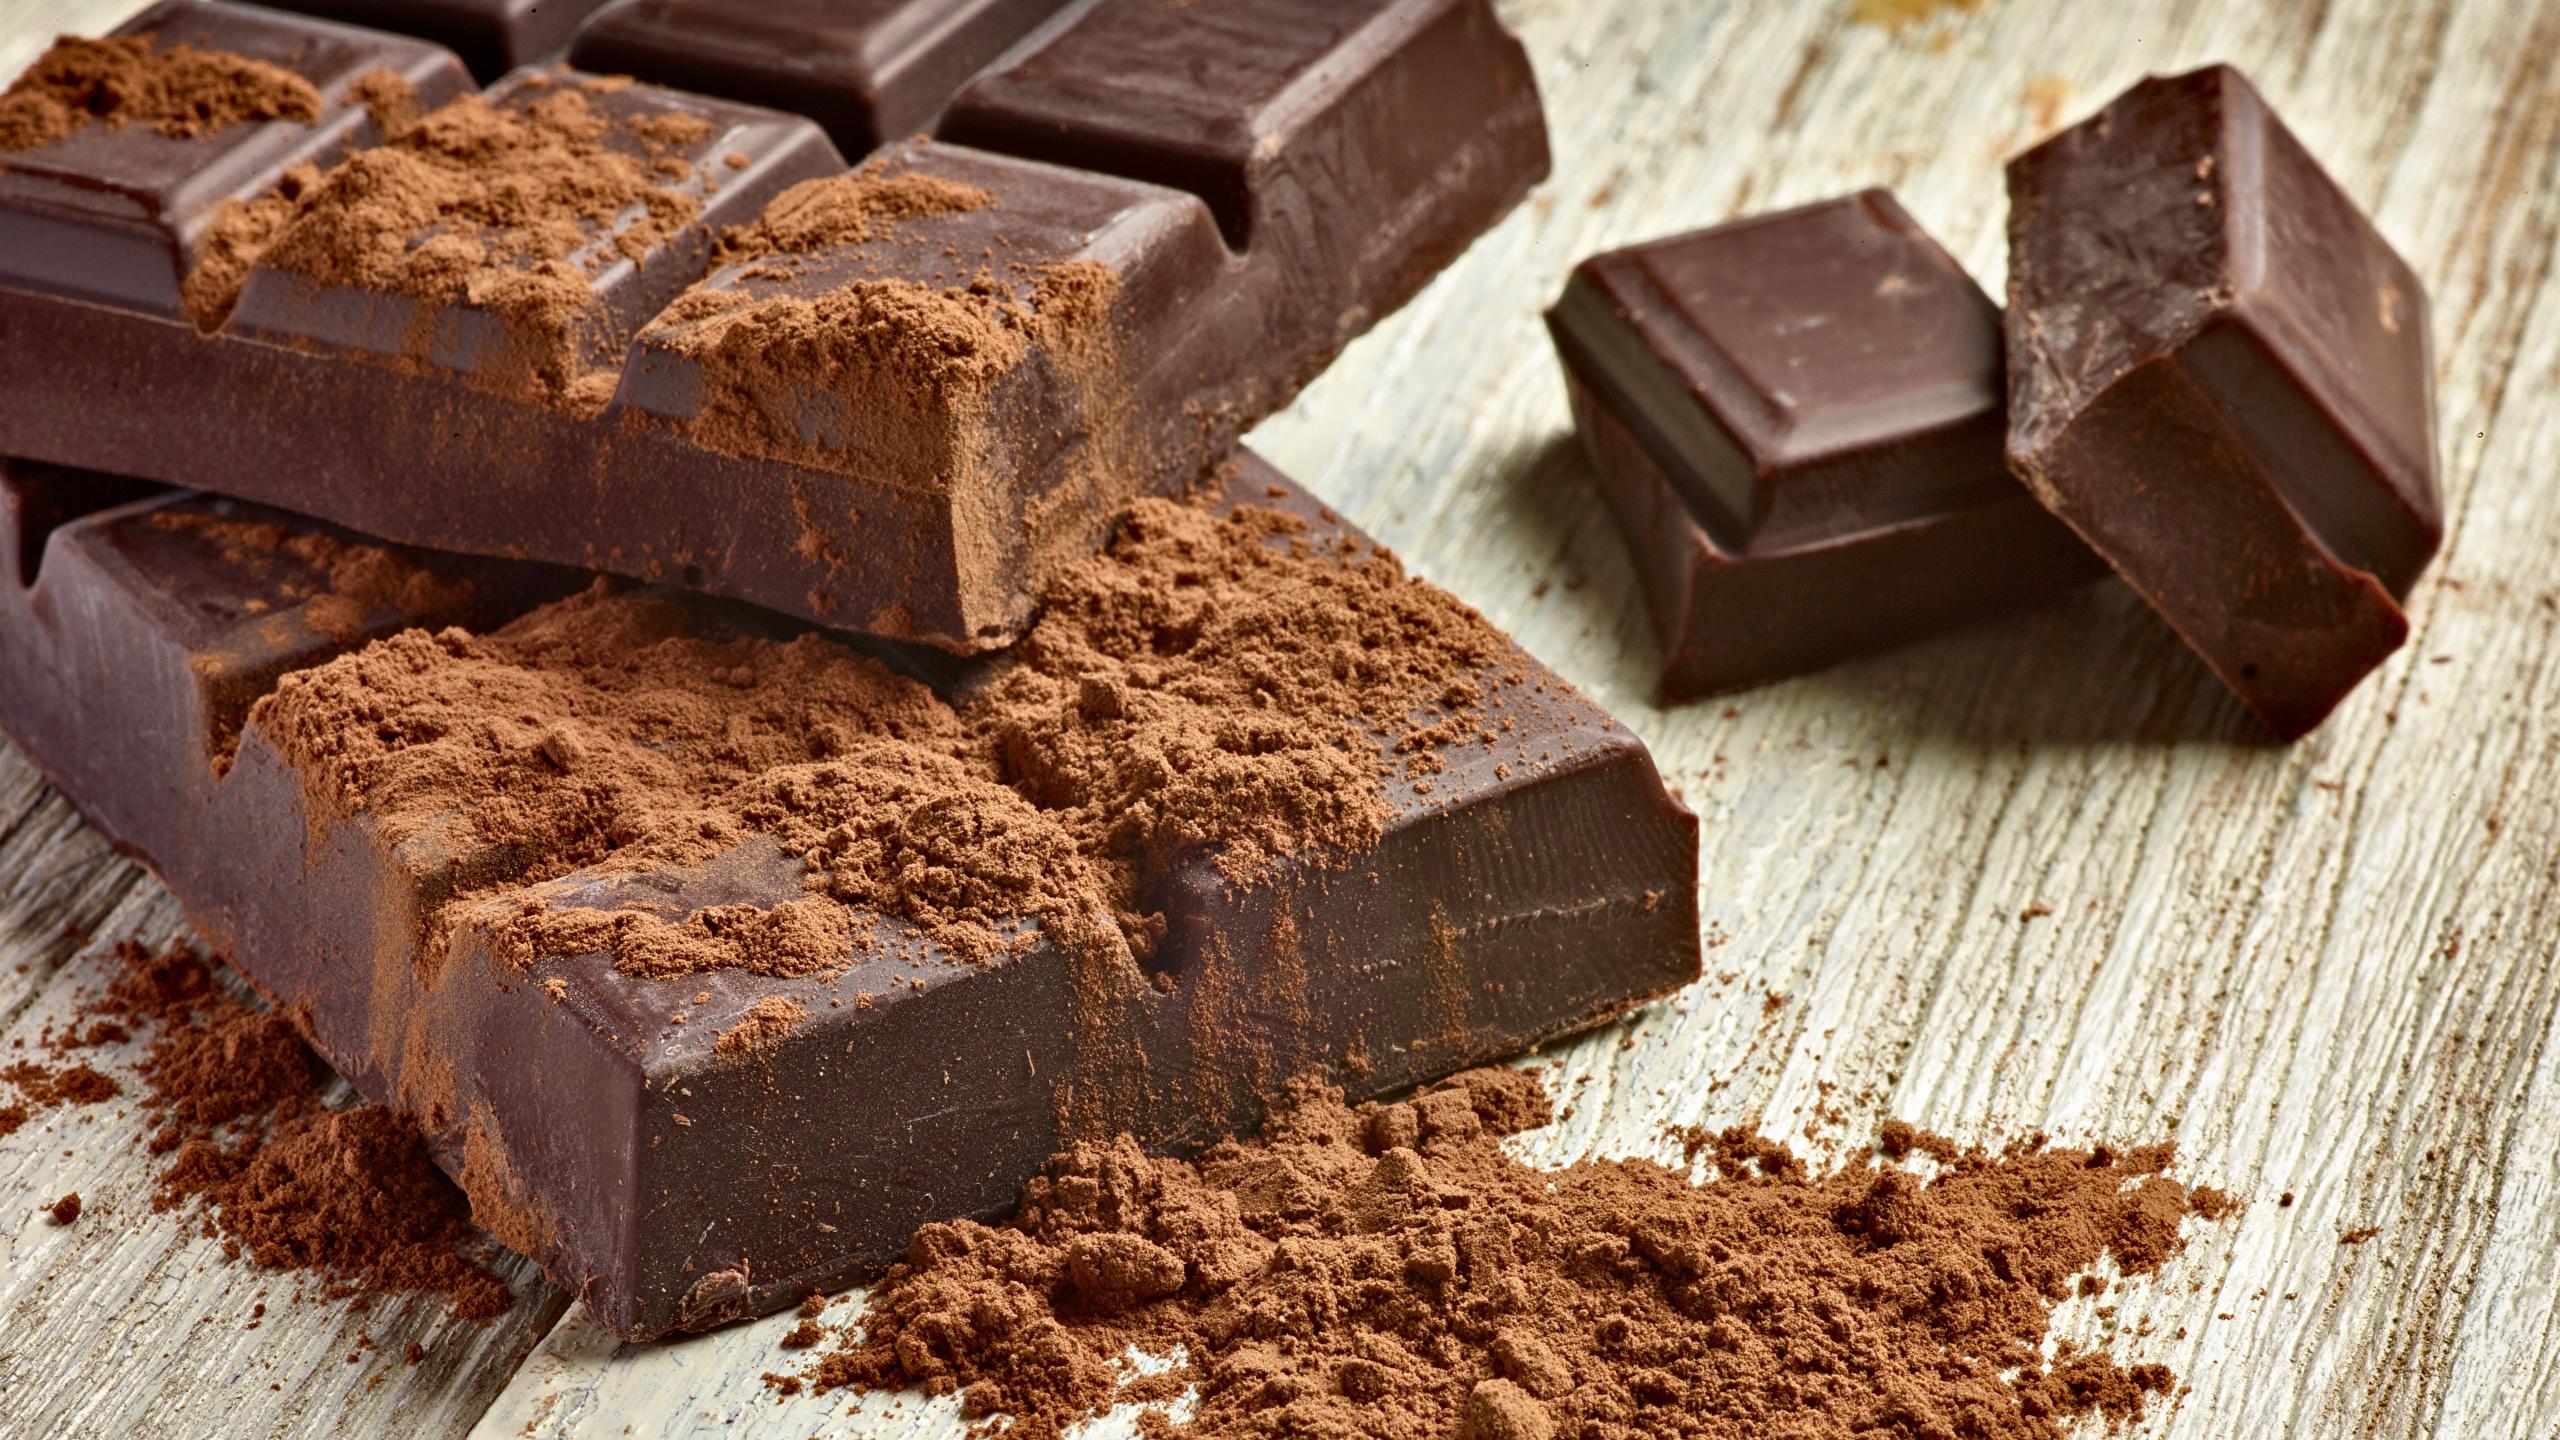 Картинки Пища Шоколад Доски Какао порошок сладкая еда шоколадка 2560x1440 Еда Продукты питания Сладости Шоколадная плитка